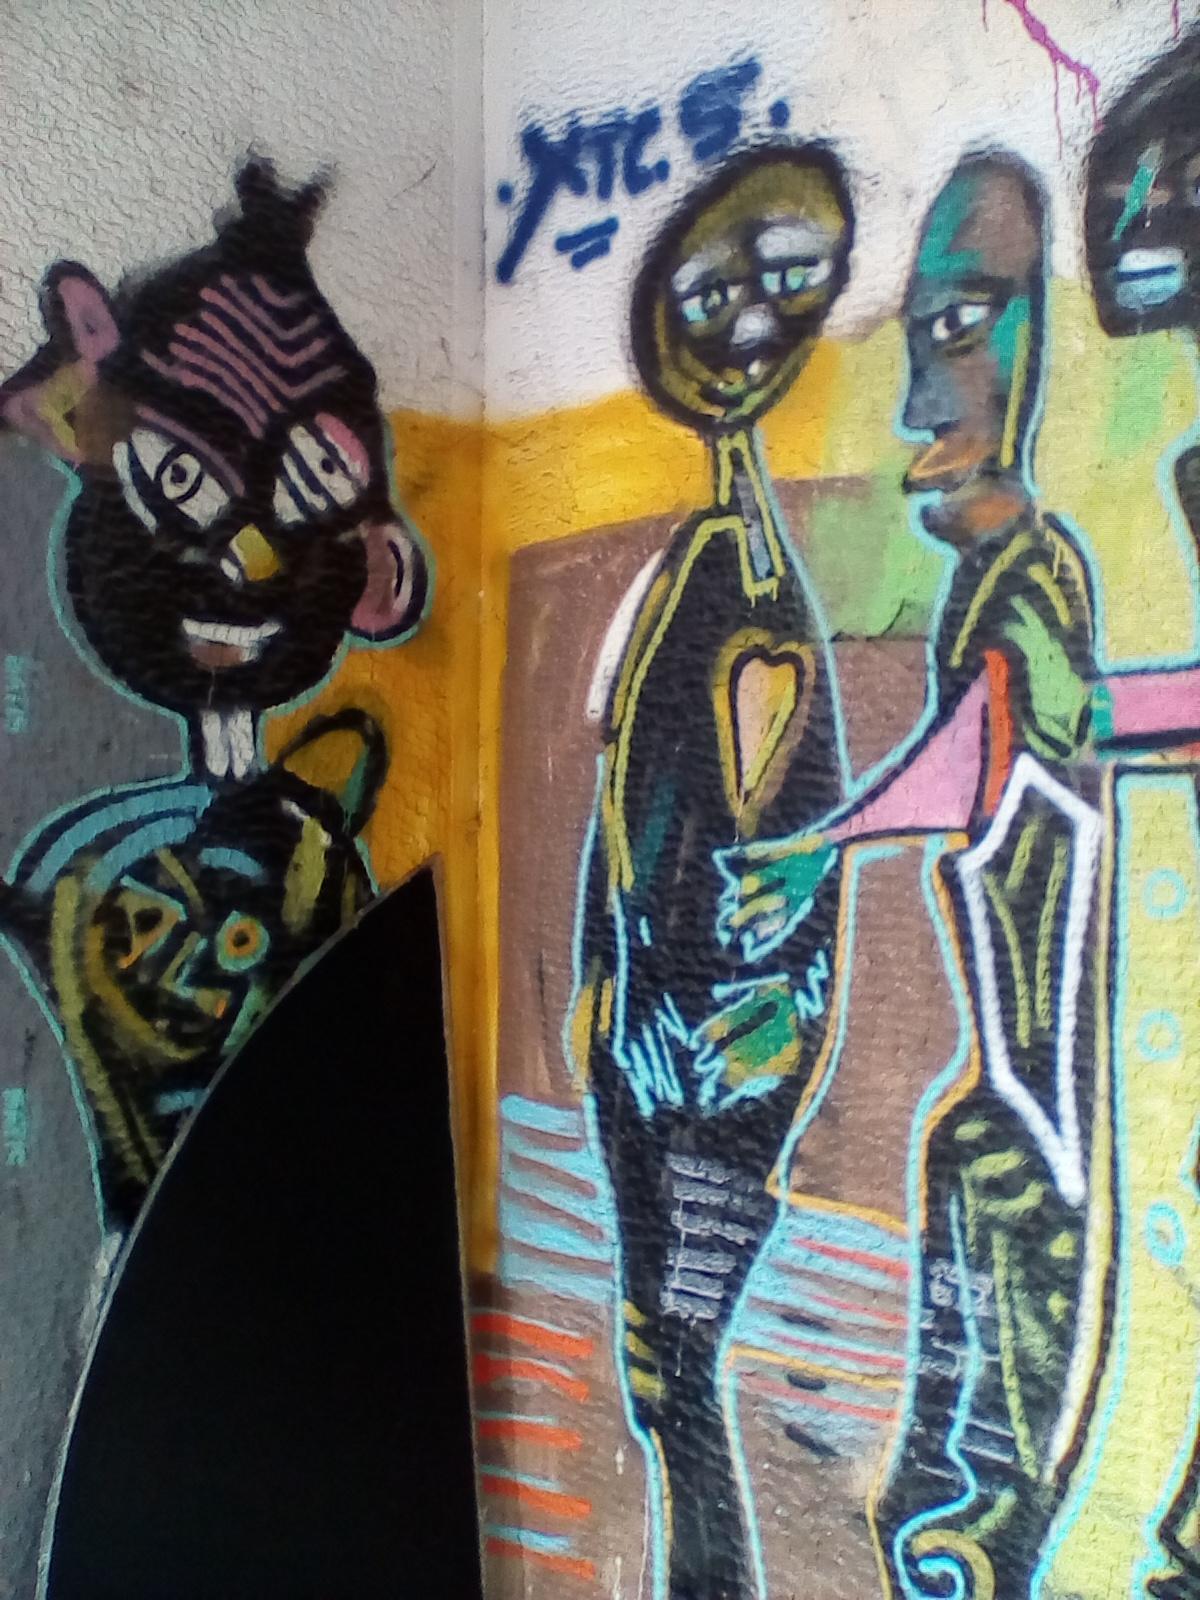 Νοσταλγικο γκράφιτυ που θυμίζει τέχνη του 1960